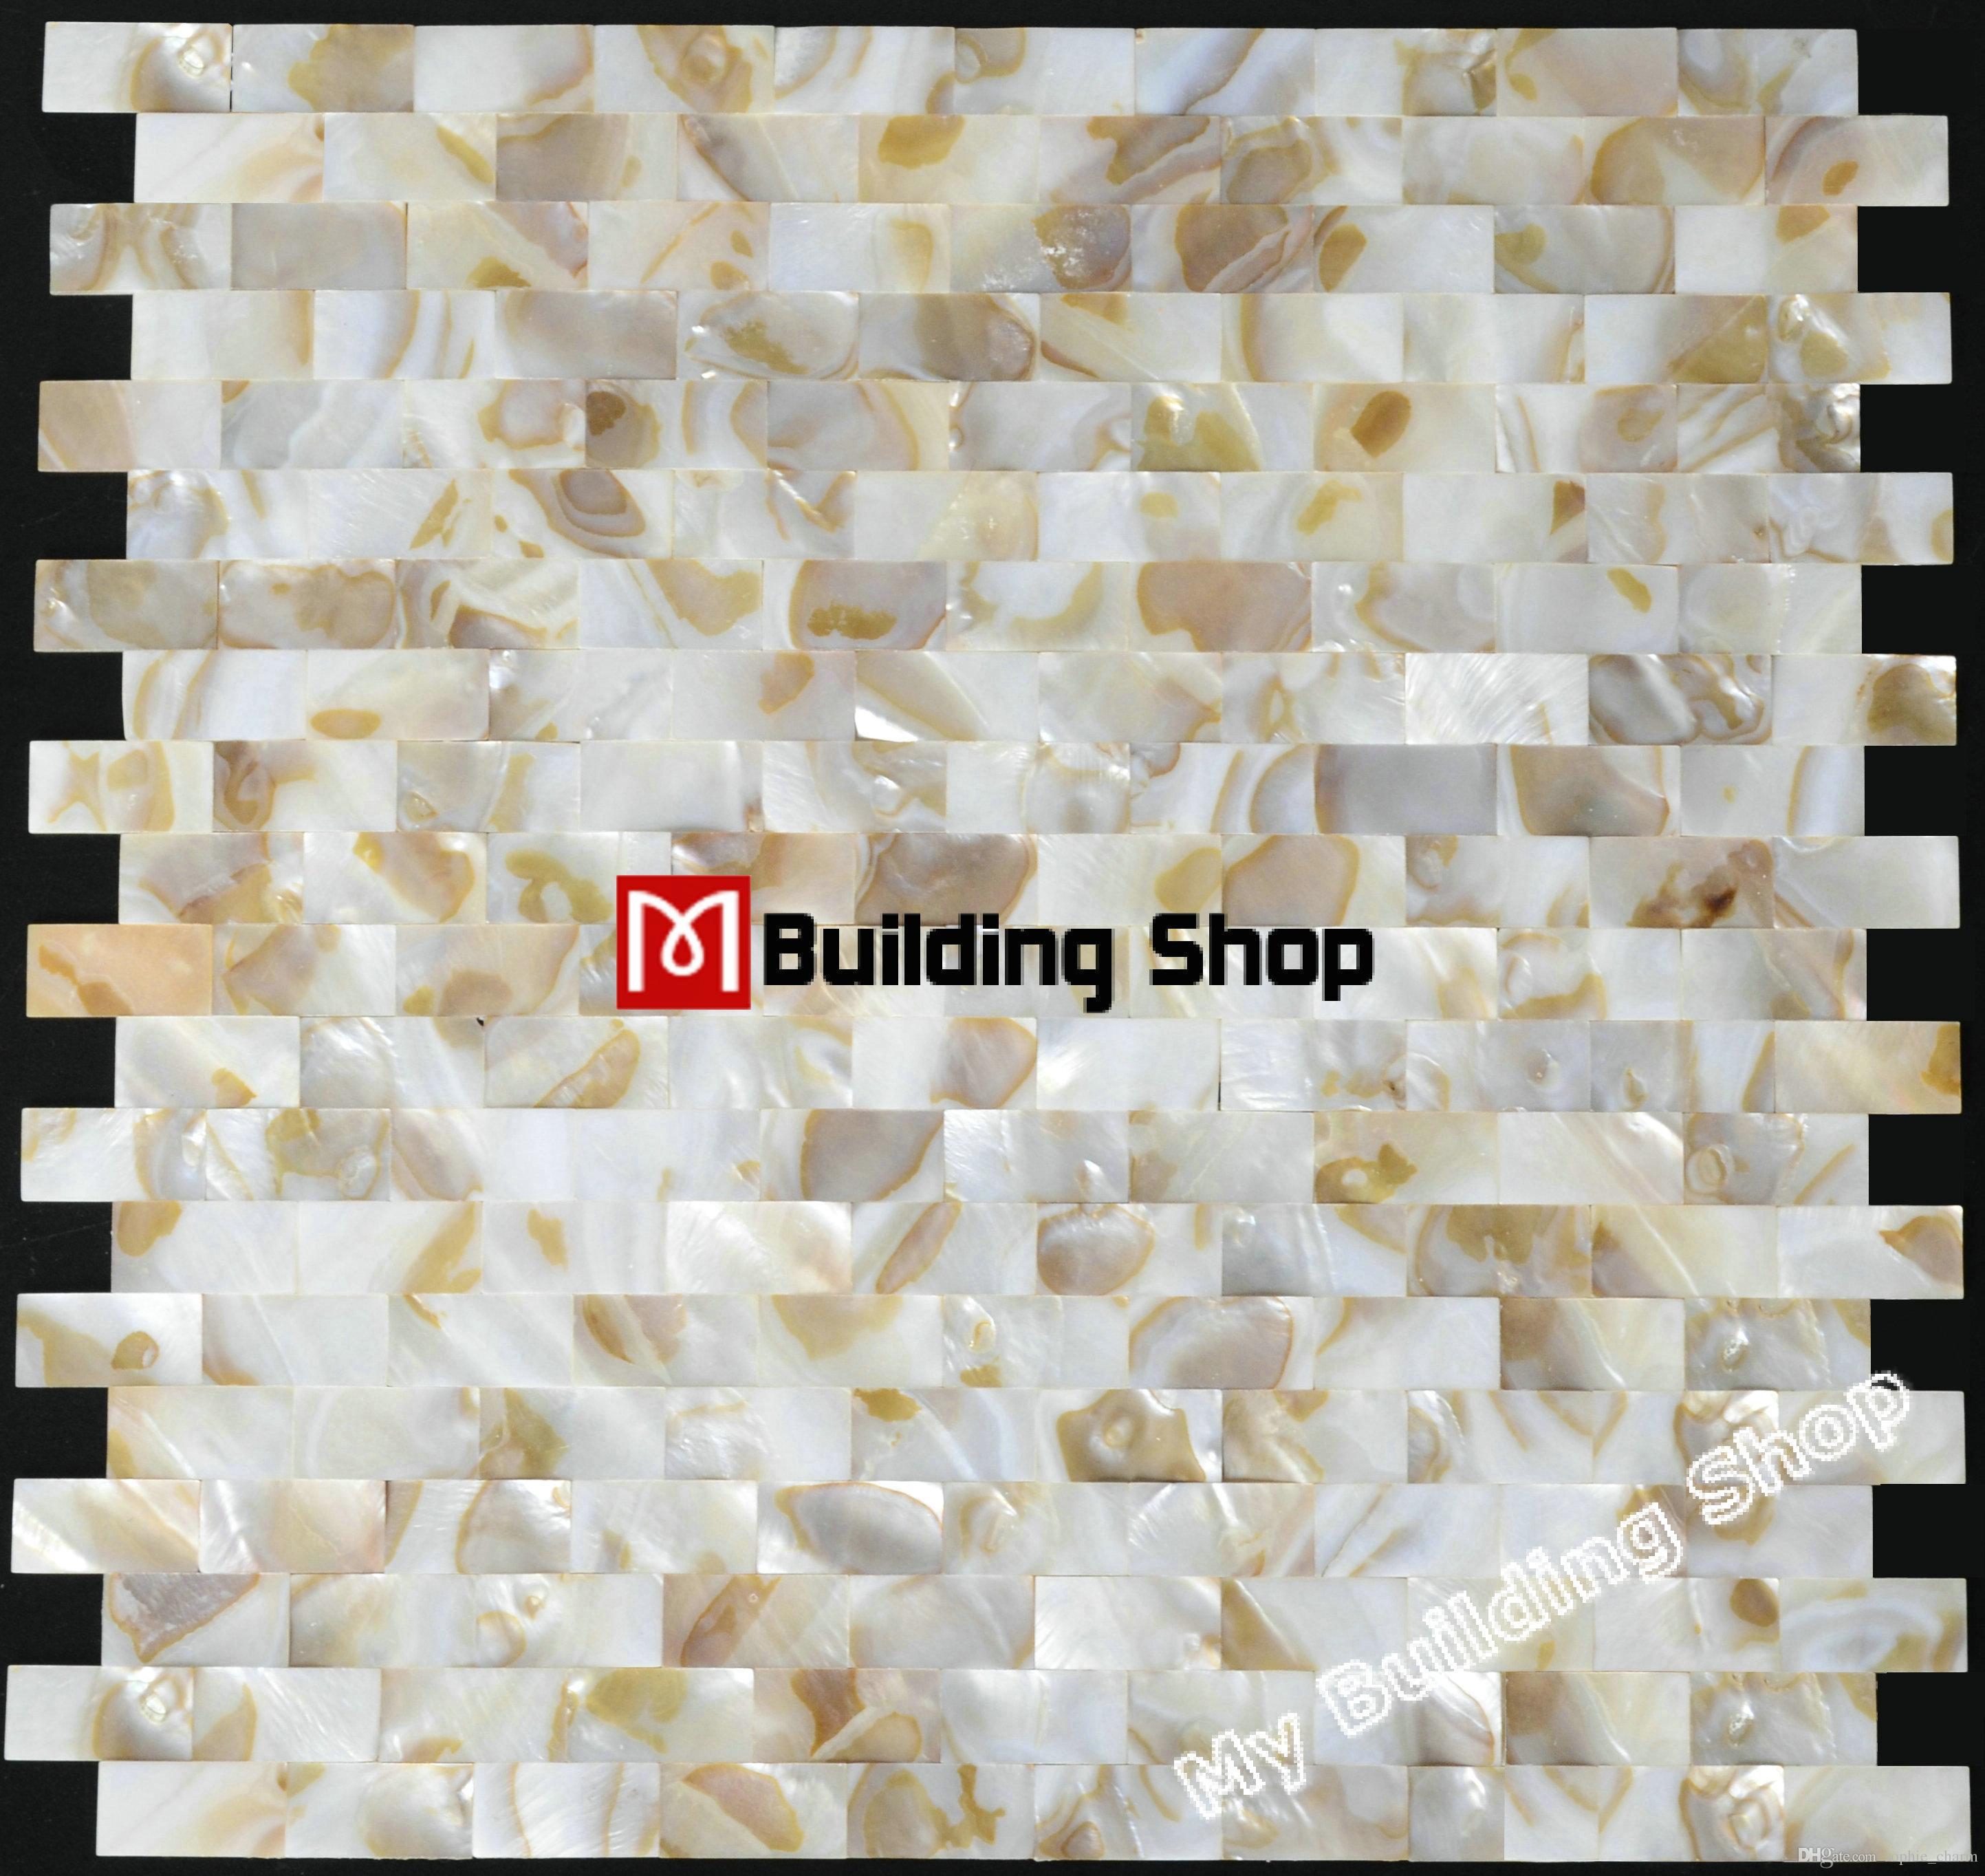 Grosshandel Perlmutt Backsplash Fliese Mop012 Steinmuschel Mosaik